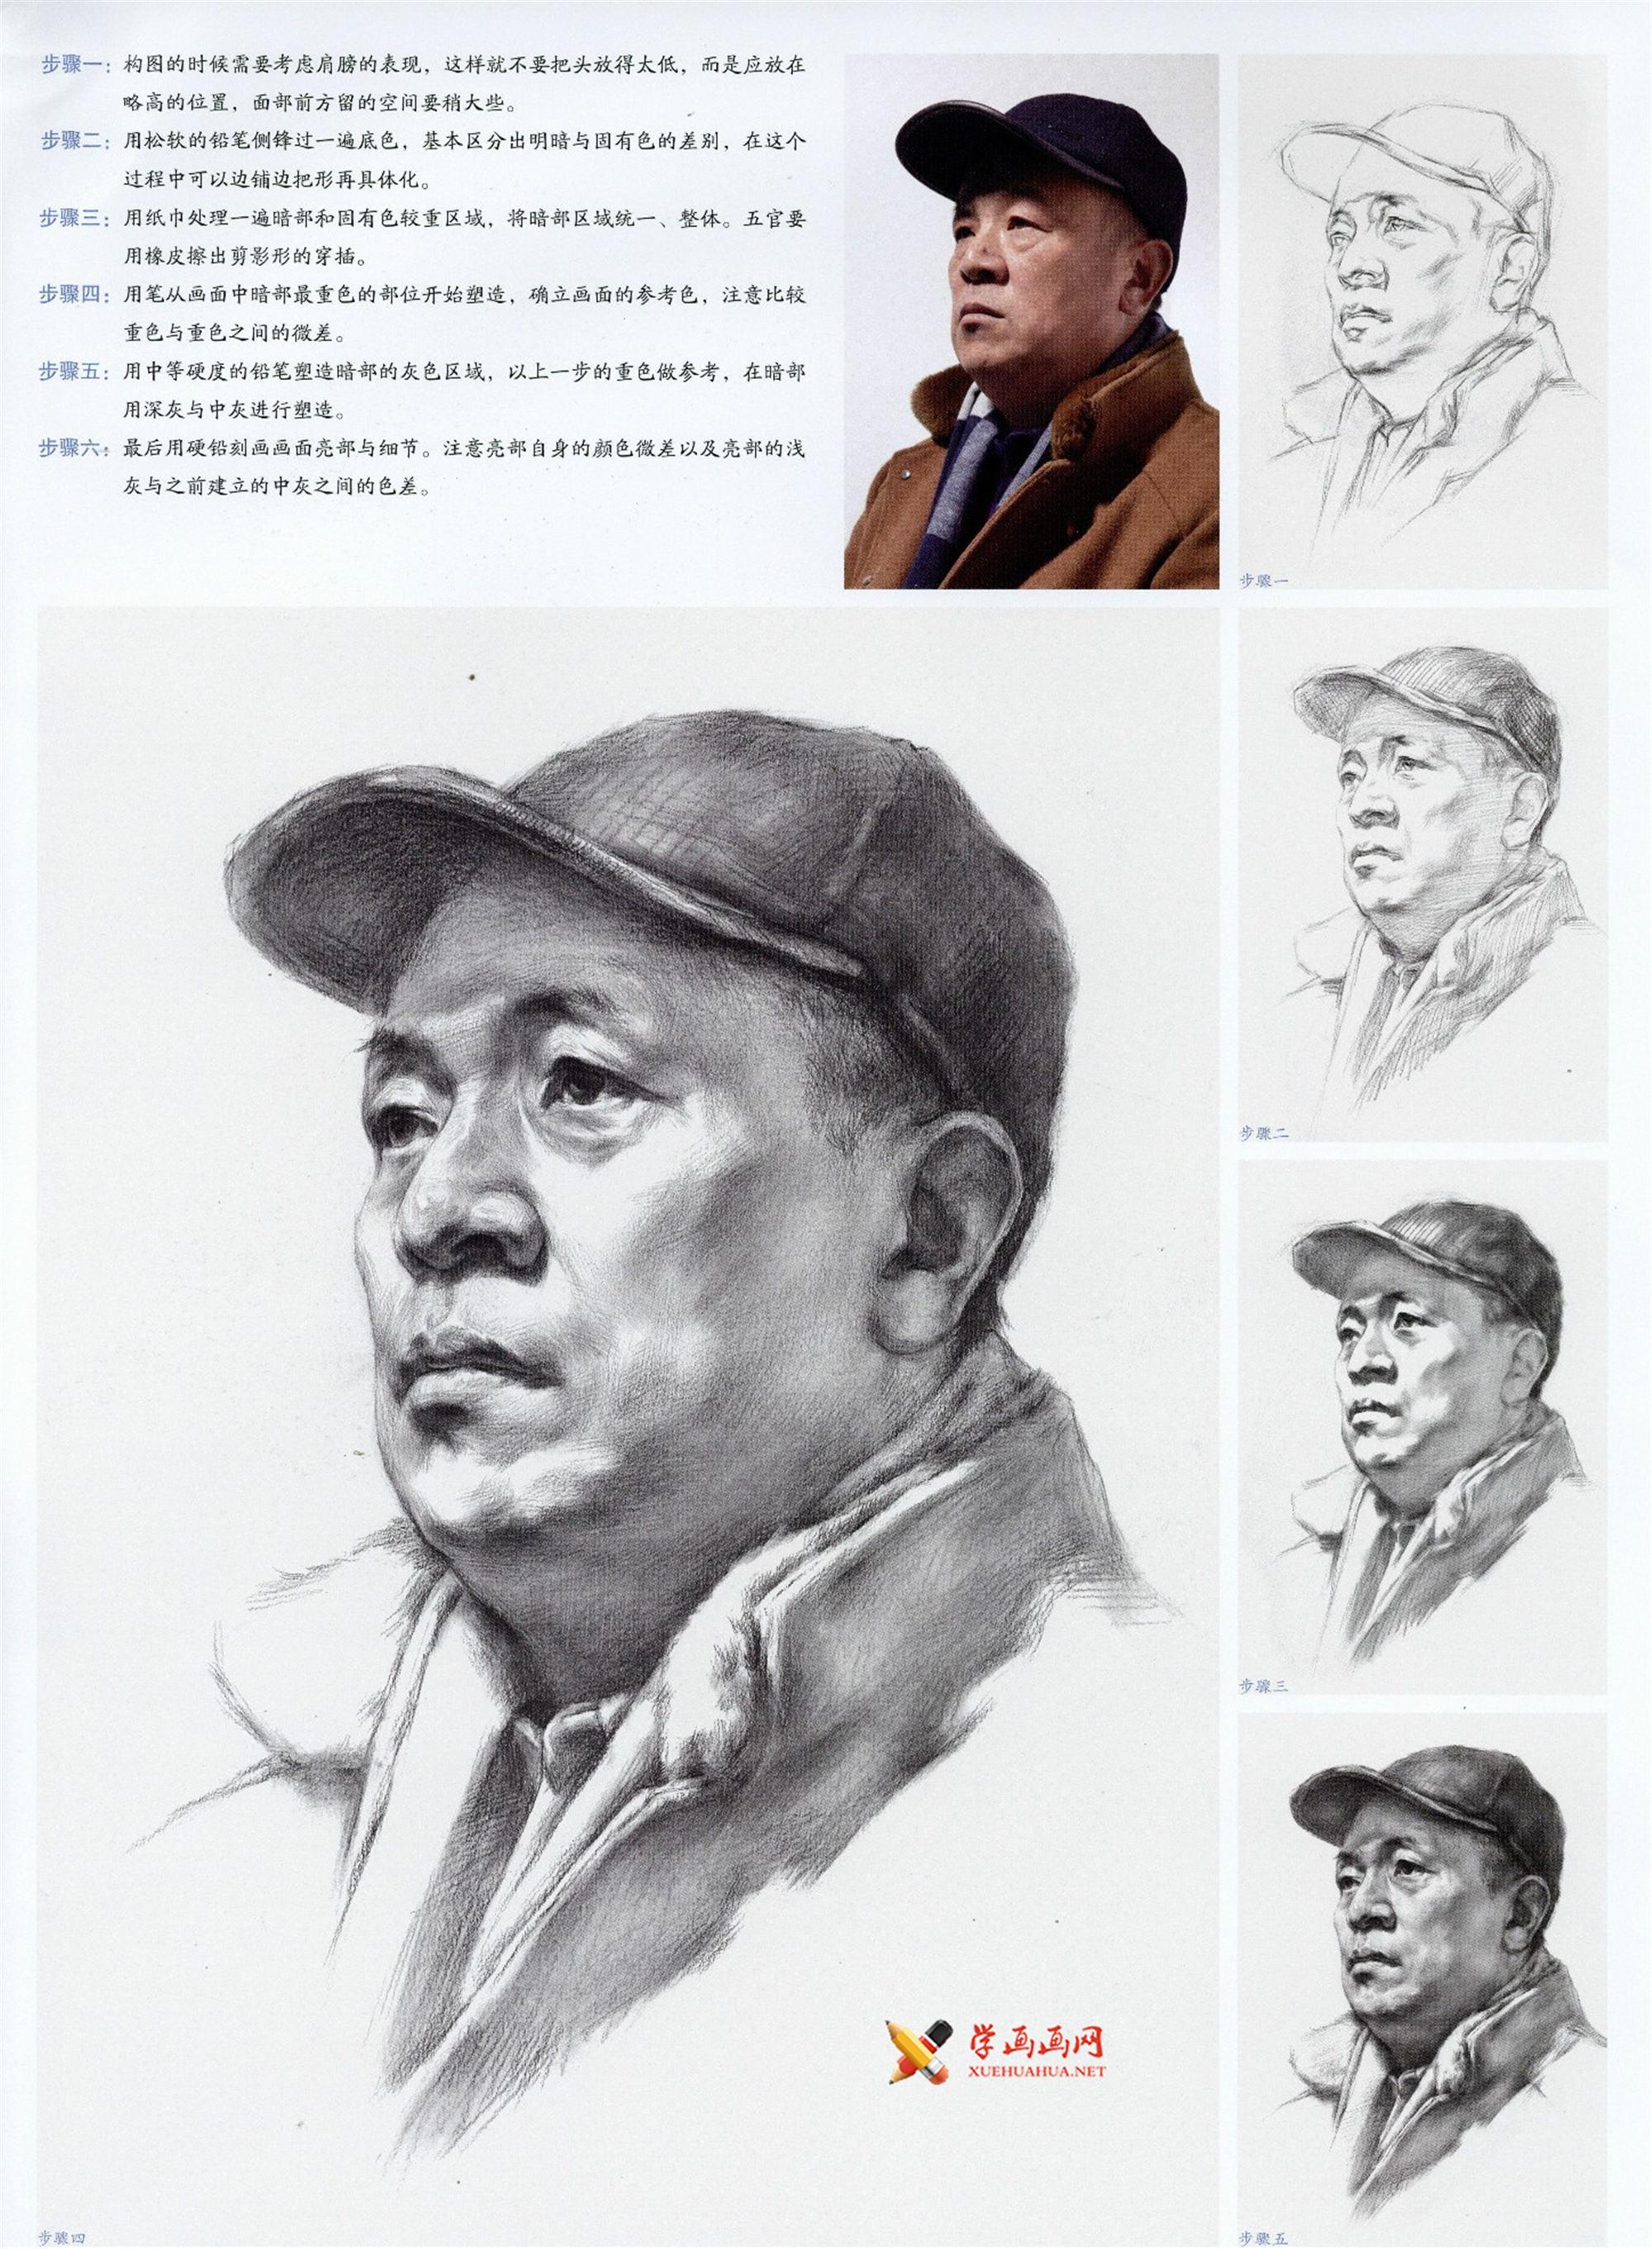 戴帽子的中老年男子素描头像的画法步骤及范画(1)